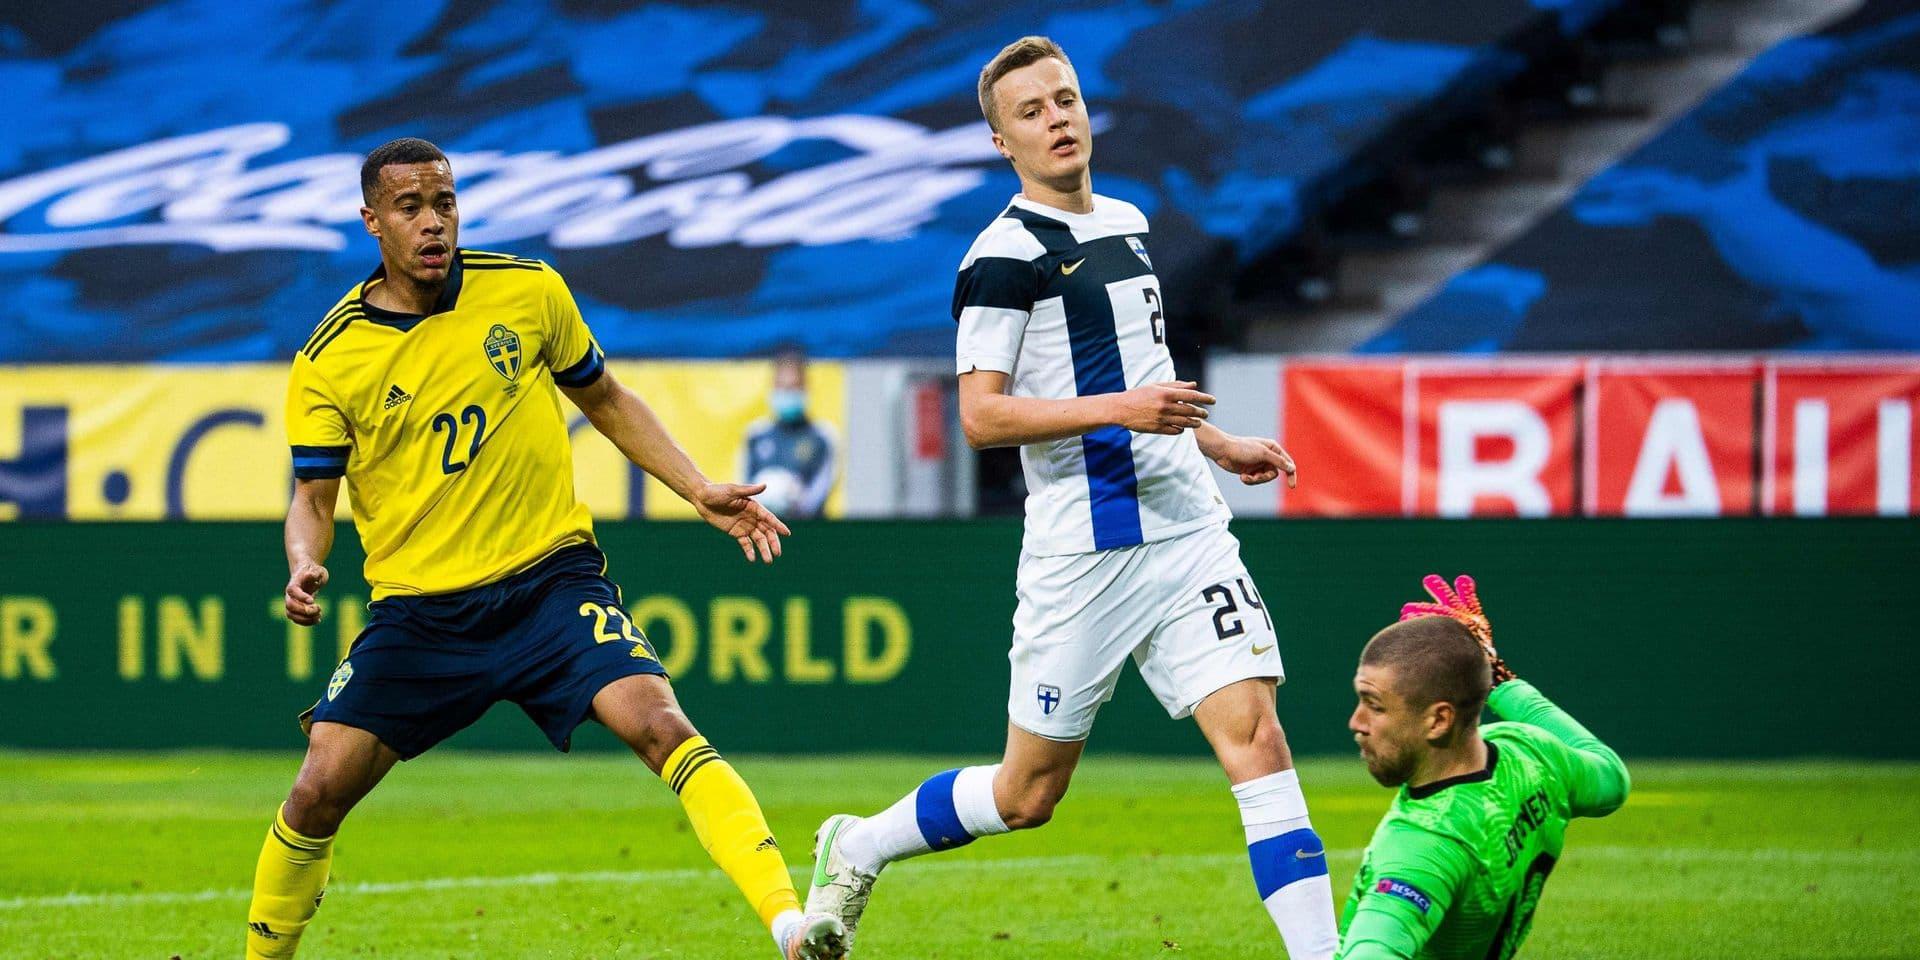 La Finlande, adversaire des Diables à l'Euro, s'incline en Suède